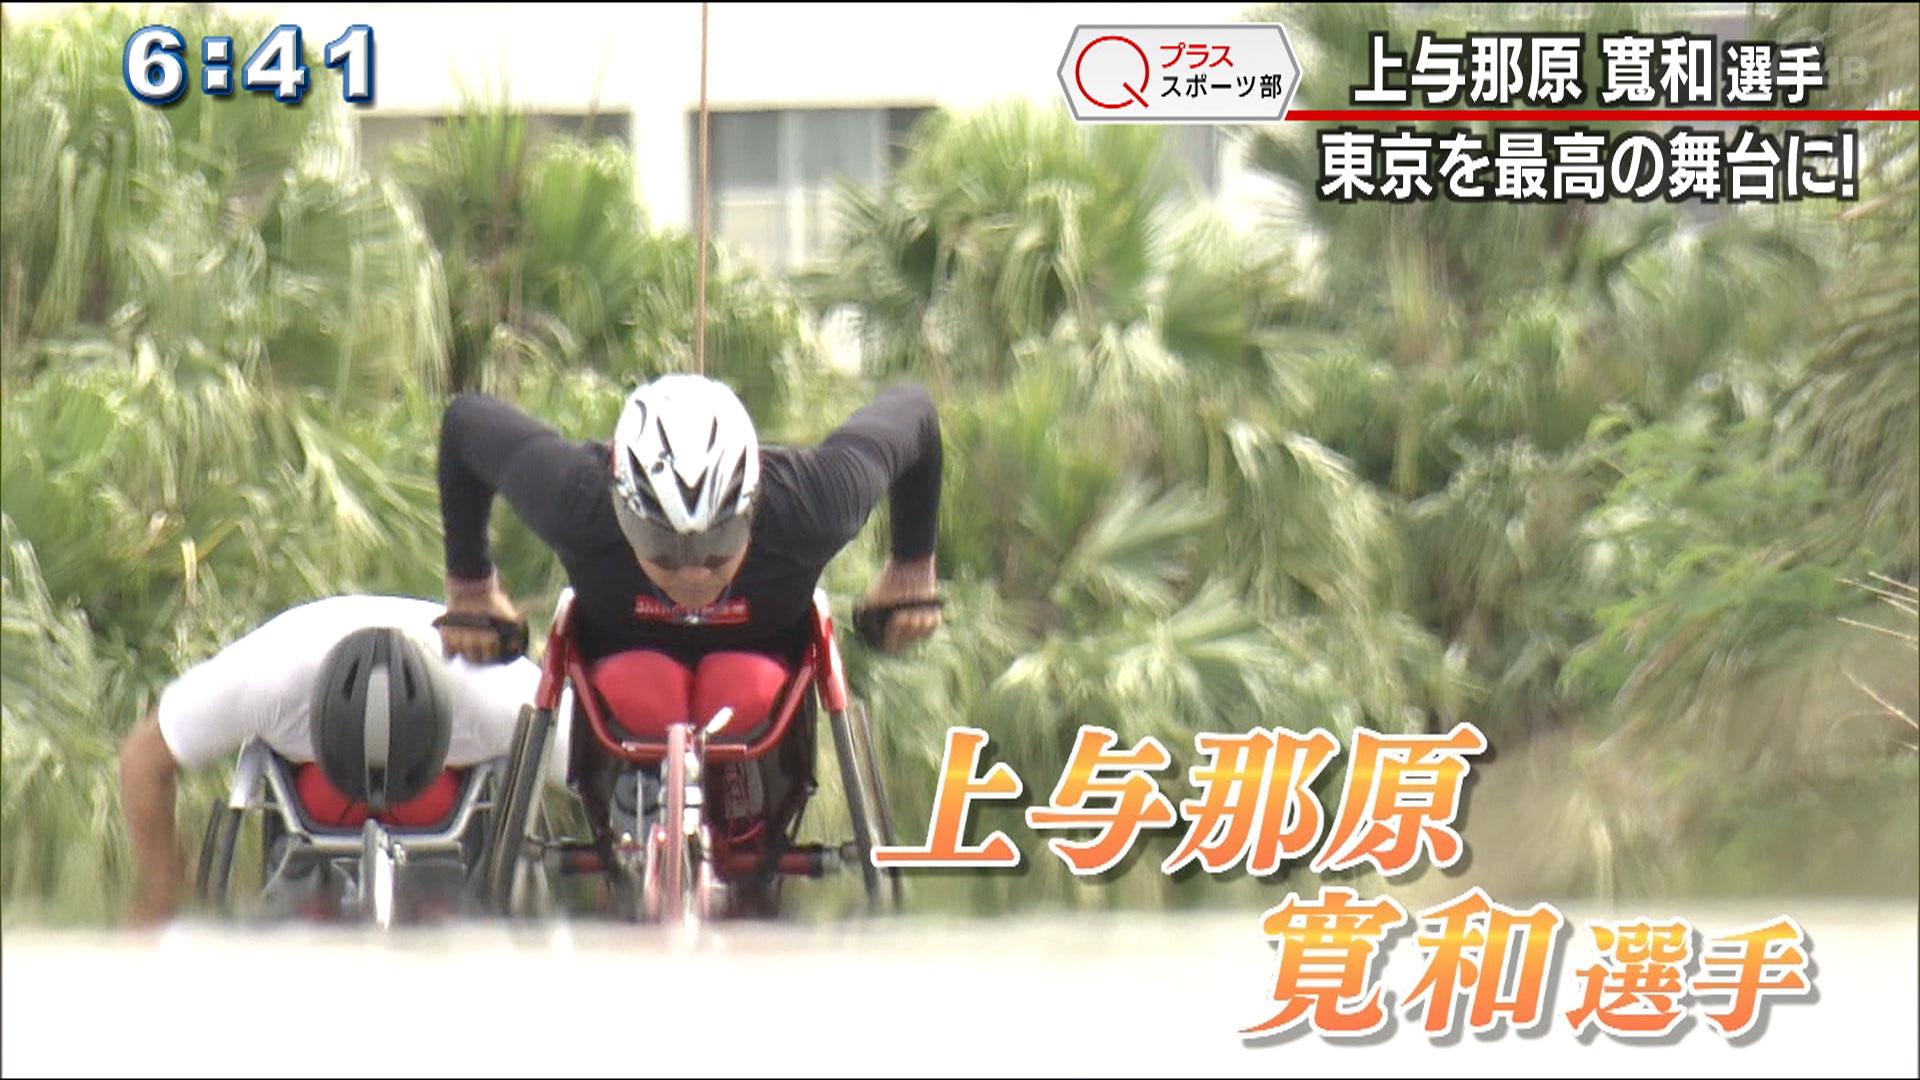 【東京パラリンピックまで1年】上与那原寛和選手